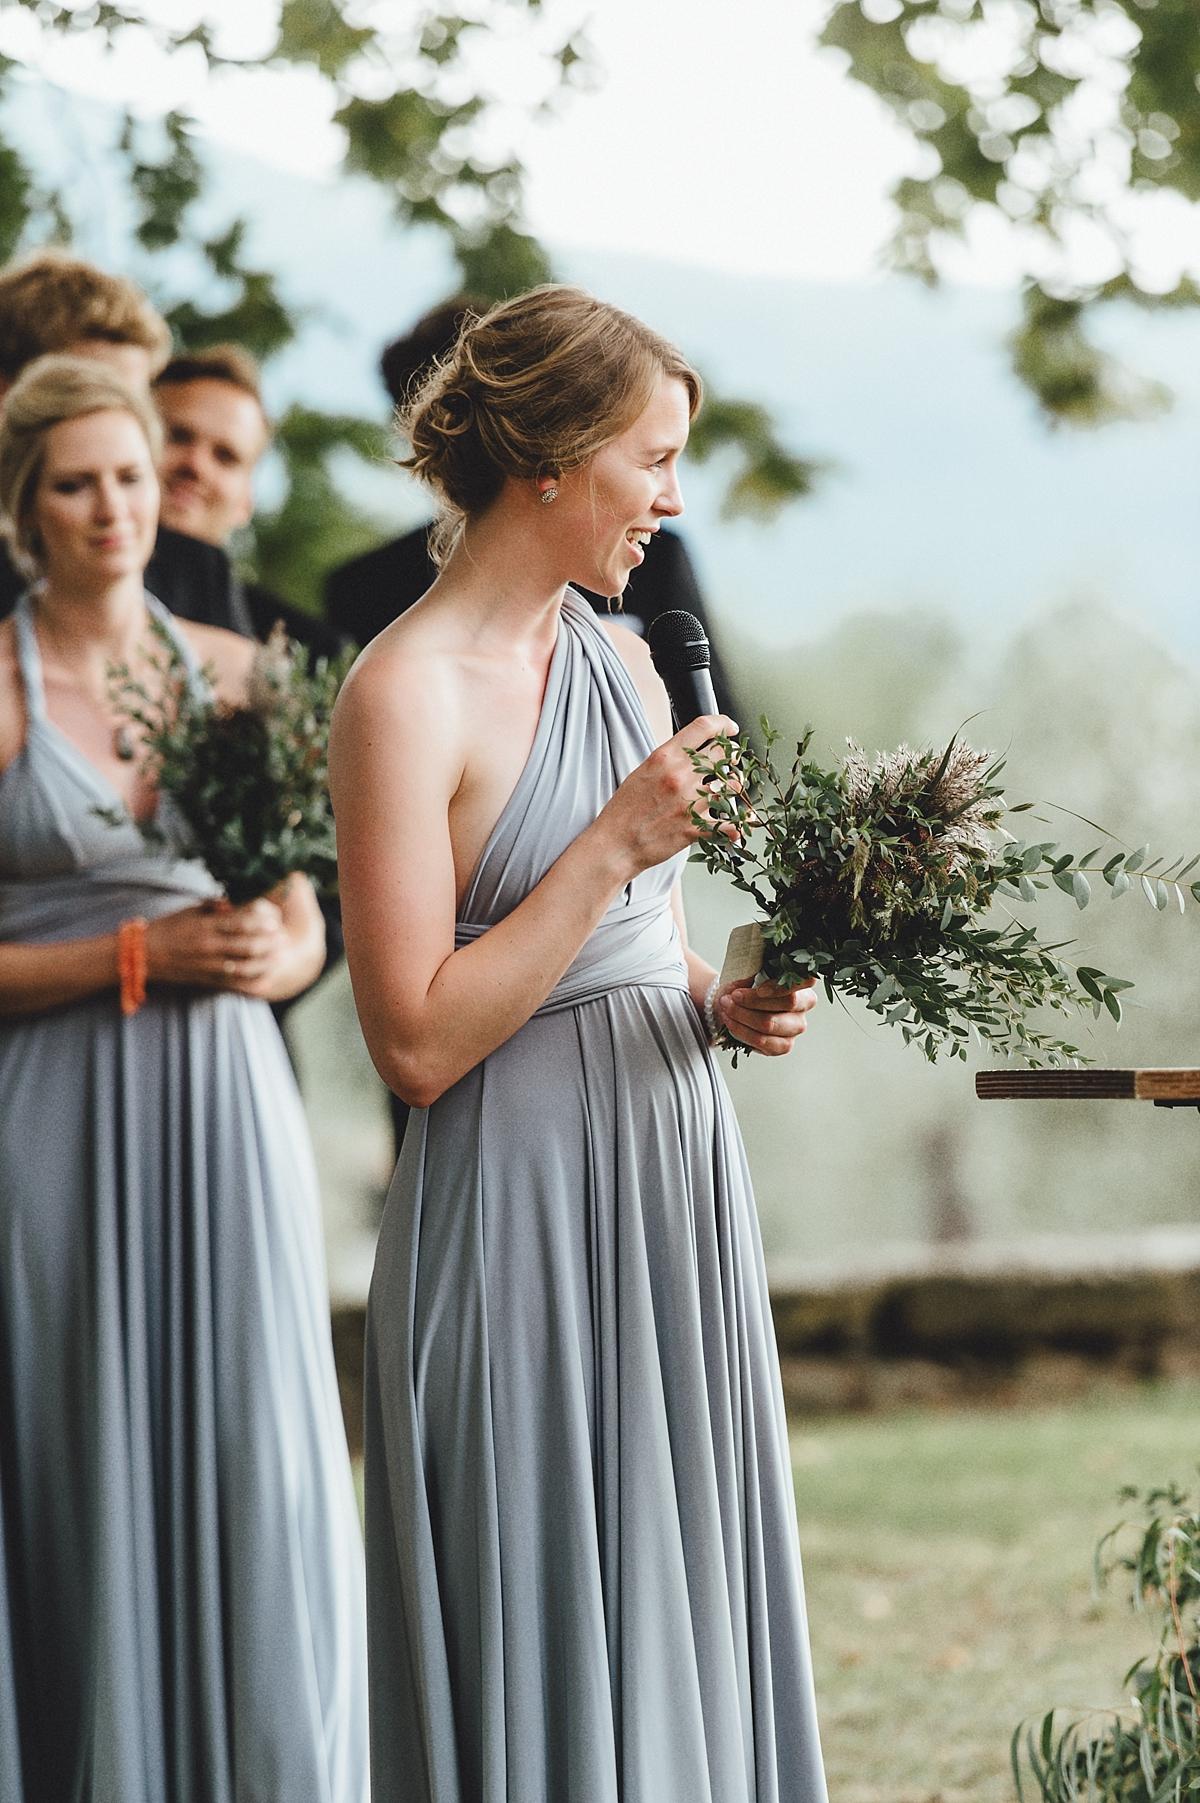 hochzeitsfotograf toskana Kristina & Daniel Mediterrane Toskana Hochzeithochzeitsfotograf toskana italien 2136